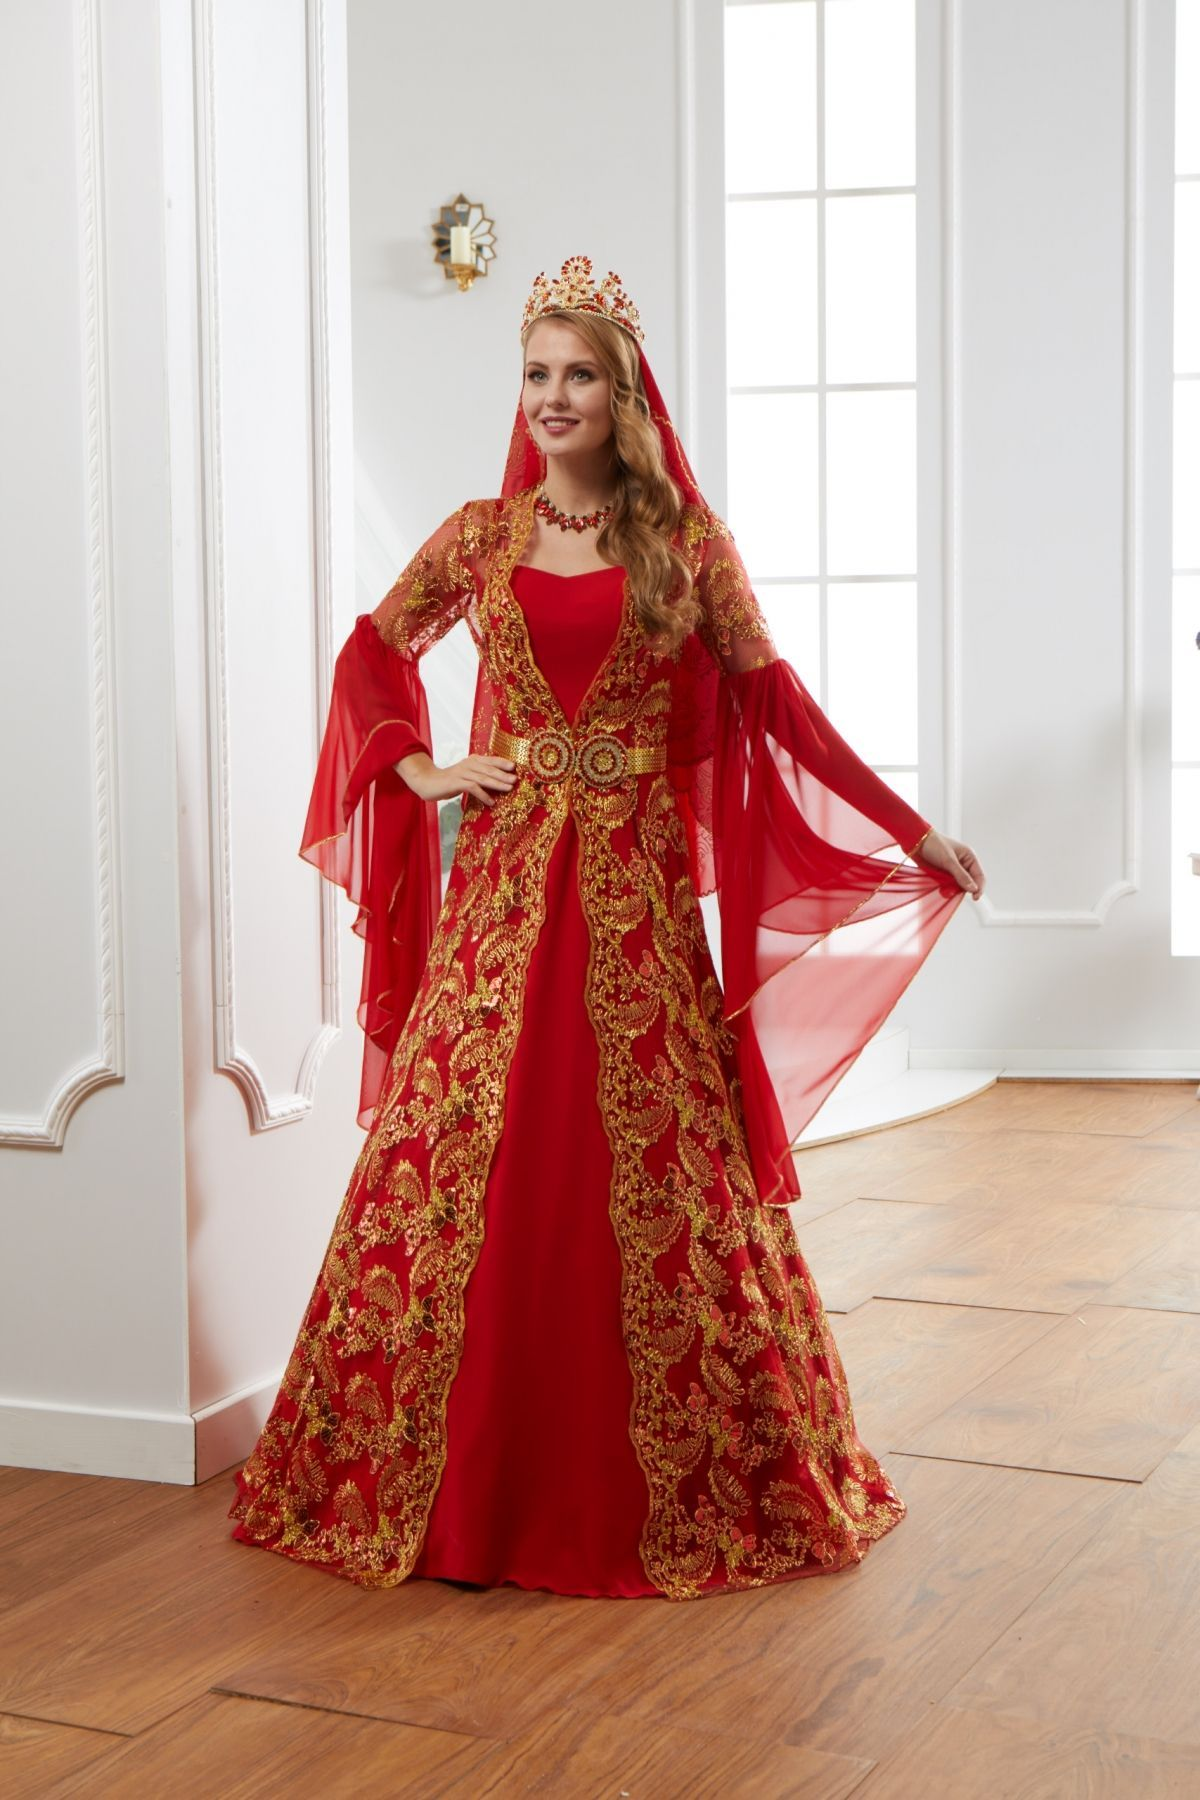 Gönül Kolat Tüllü Gold Nişanlık Abiye Elbise - #Abiye #Elbise